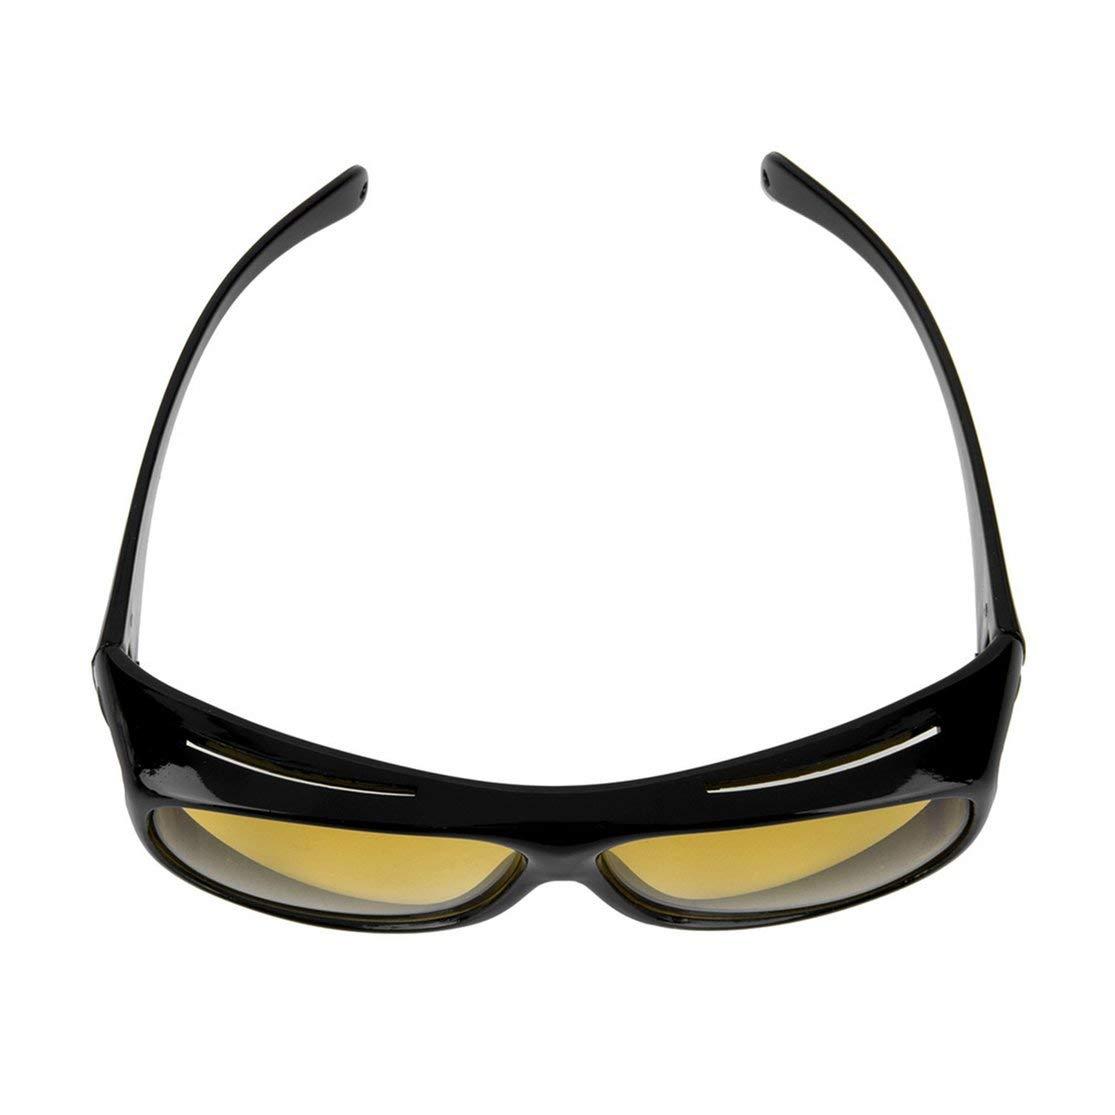 LouiseEvel215 Hombre Mujer Noche Gafas de Conducir Gafas de Sol de Seguridad UV 400 Gafas Protectoras para los Ojos Gafas Anti deslumbramiento Visi/ón